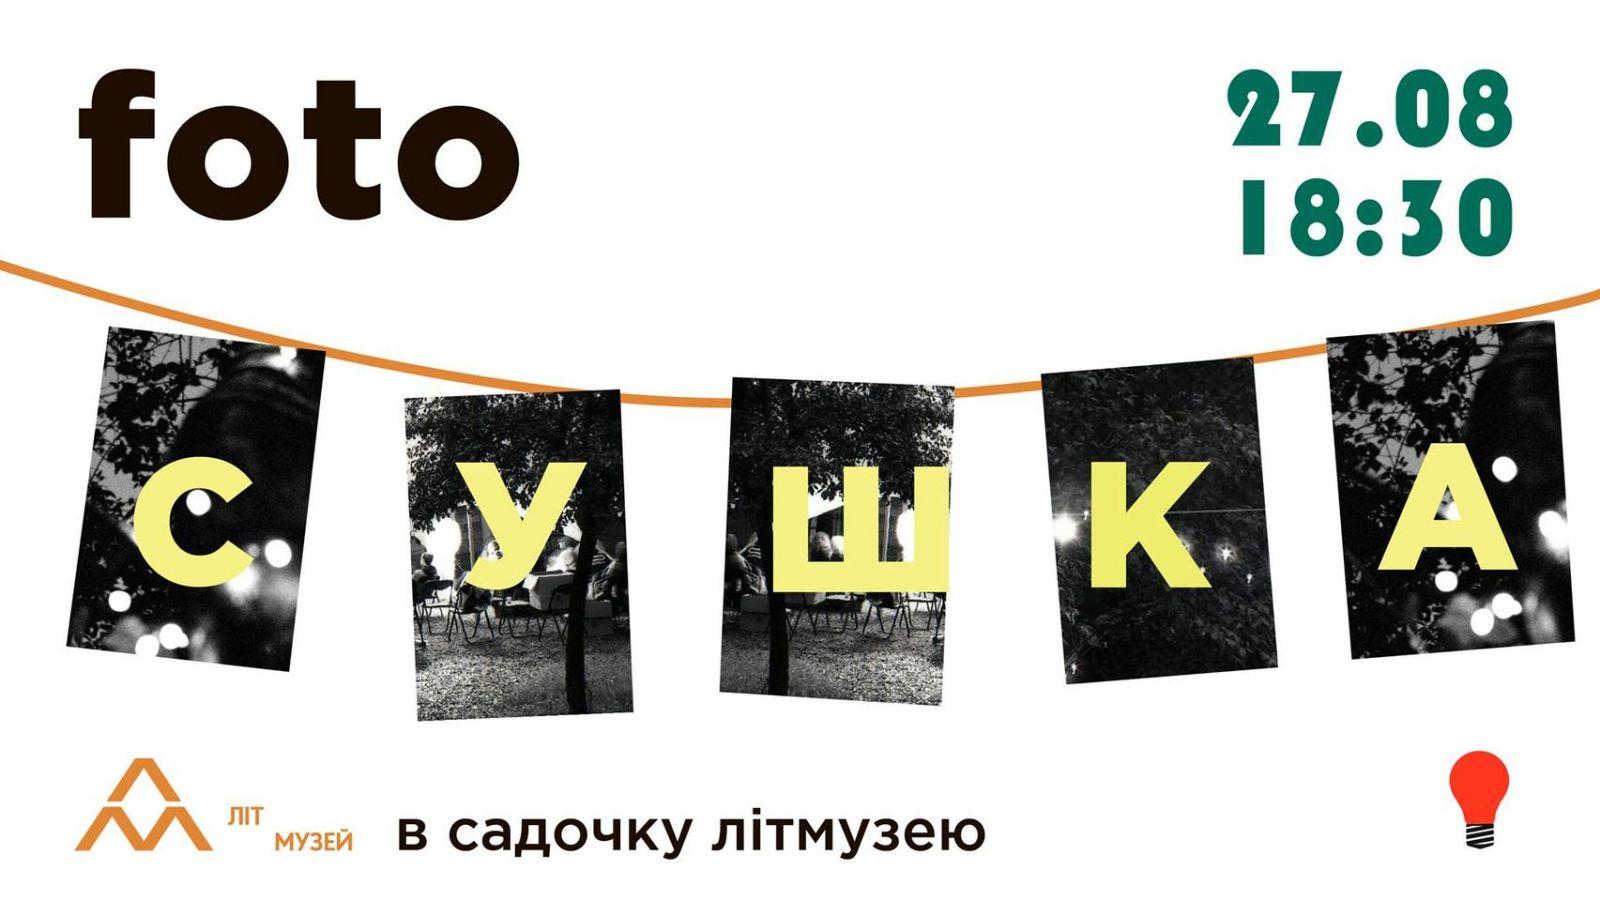 Фотосушка пройдет в саду Литературного музея в Харькове